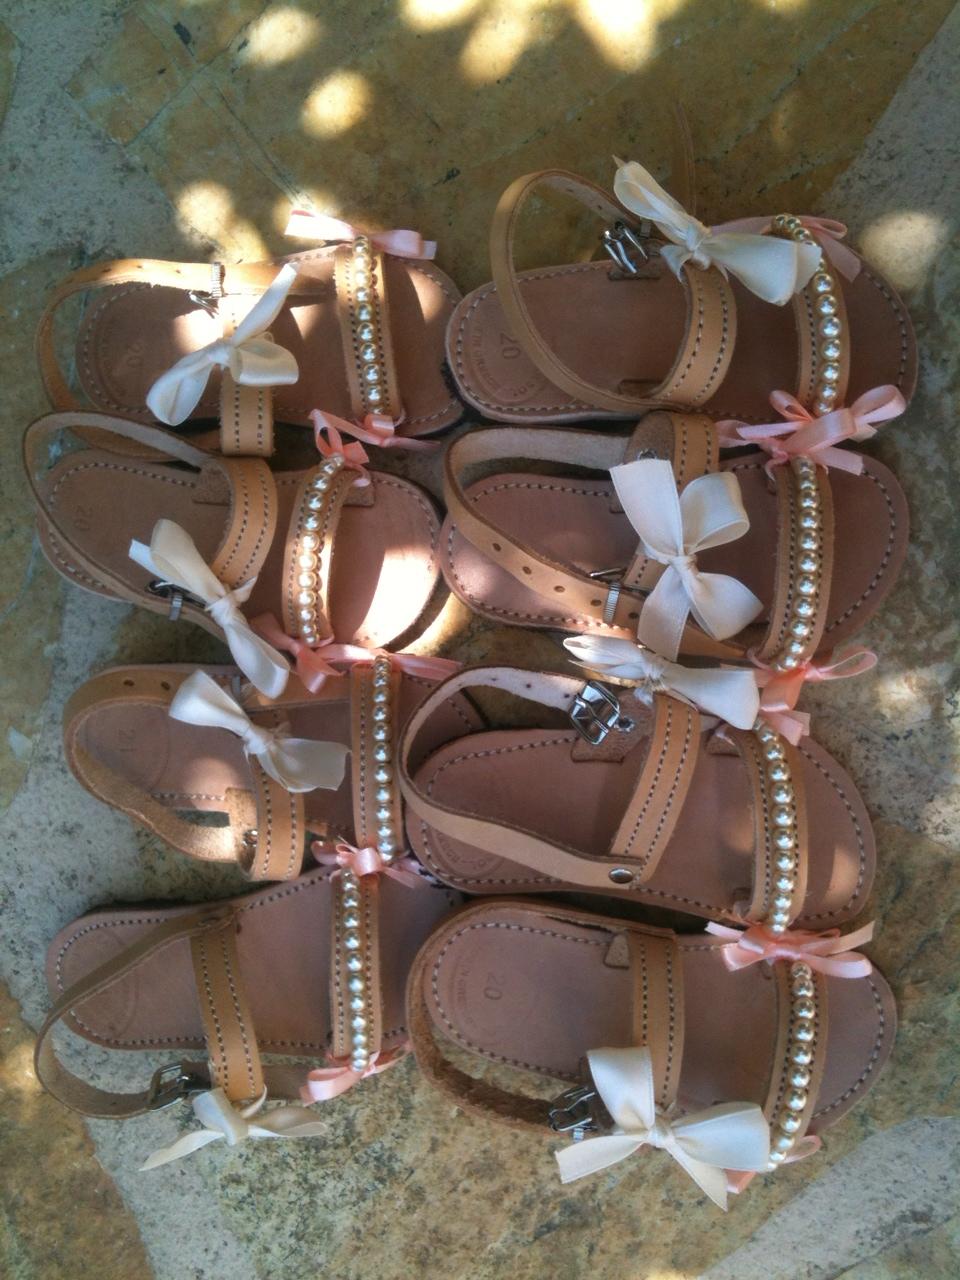 ΕΛΗΞΕ – Κερδίστε δύο ζευγάρια σανδάλια από το Elenas Sandals !